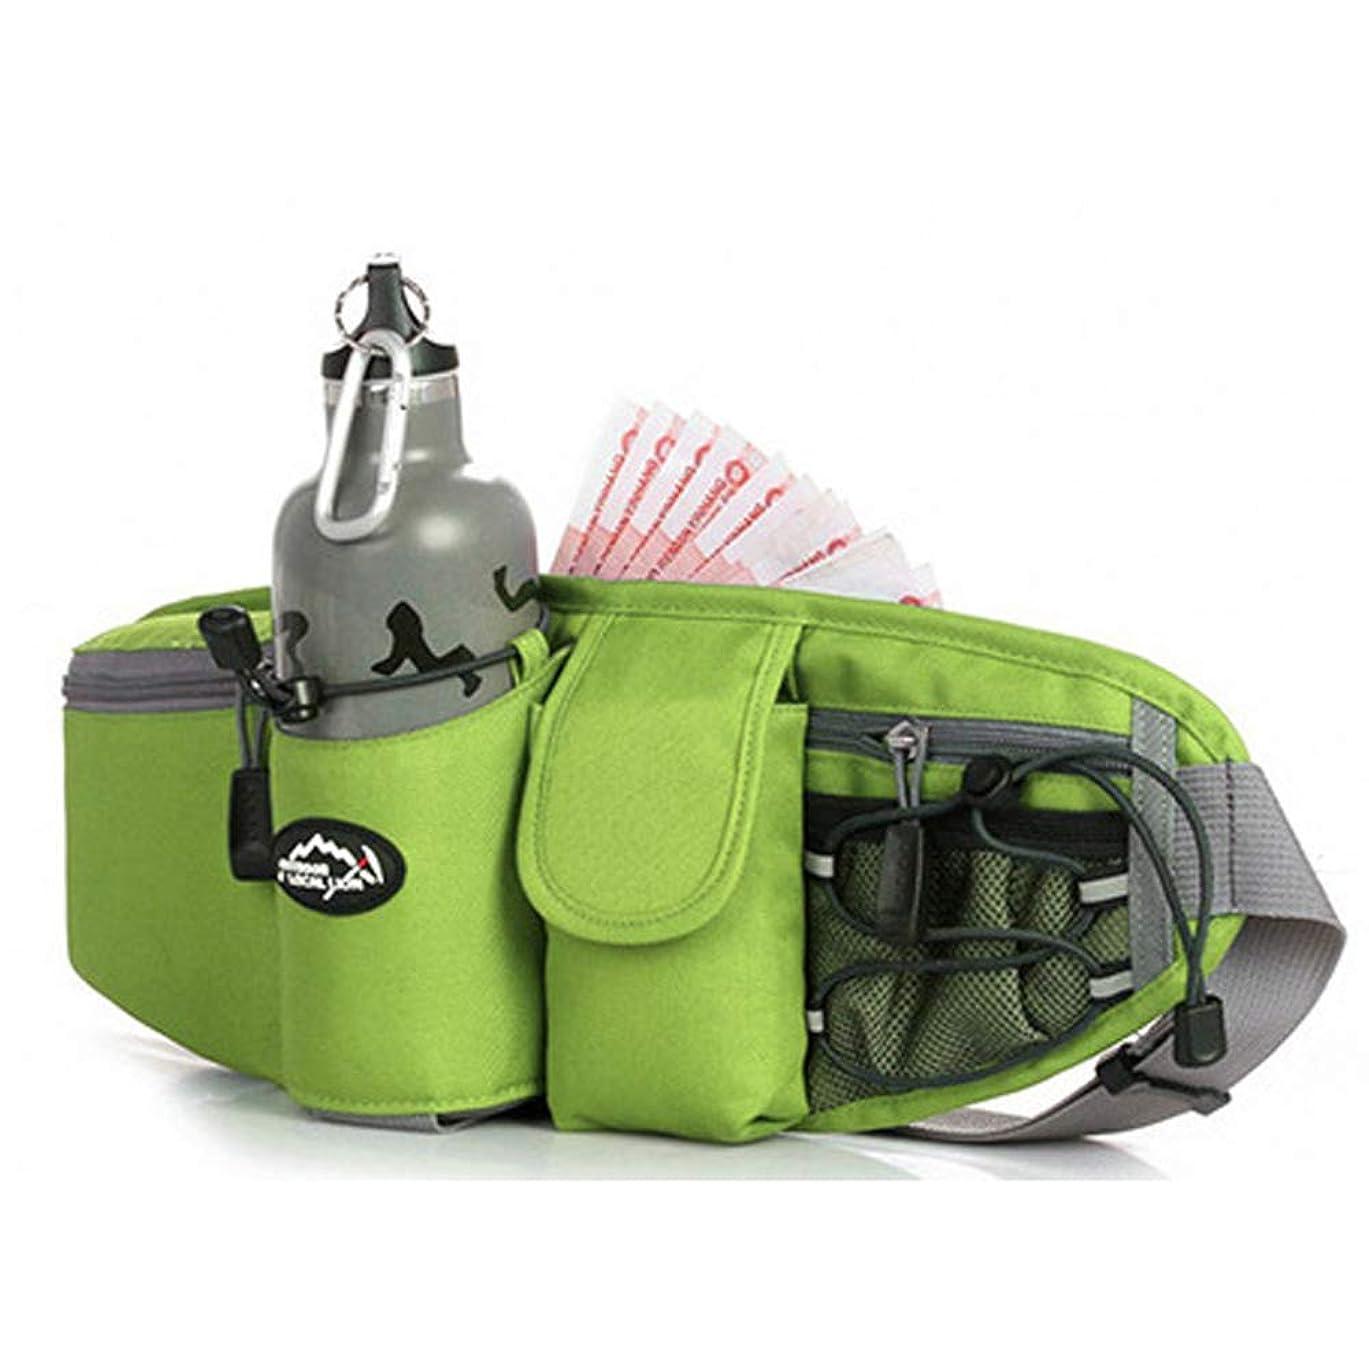 イディオム気を散らす援助するランニングベルト多機能ジッパーポケット防水ウエストバッグ、1本のウォーターボトル付きウエストパックランニング用ハイキングサイクリングクライミング,Green